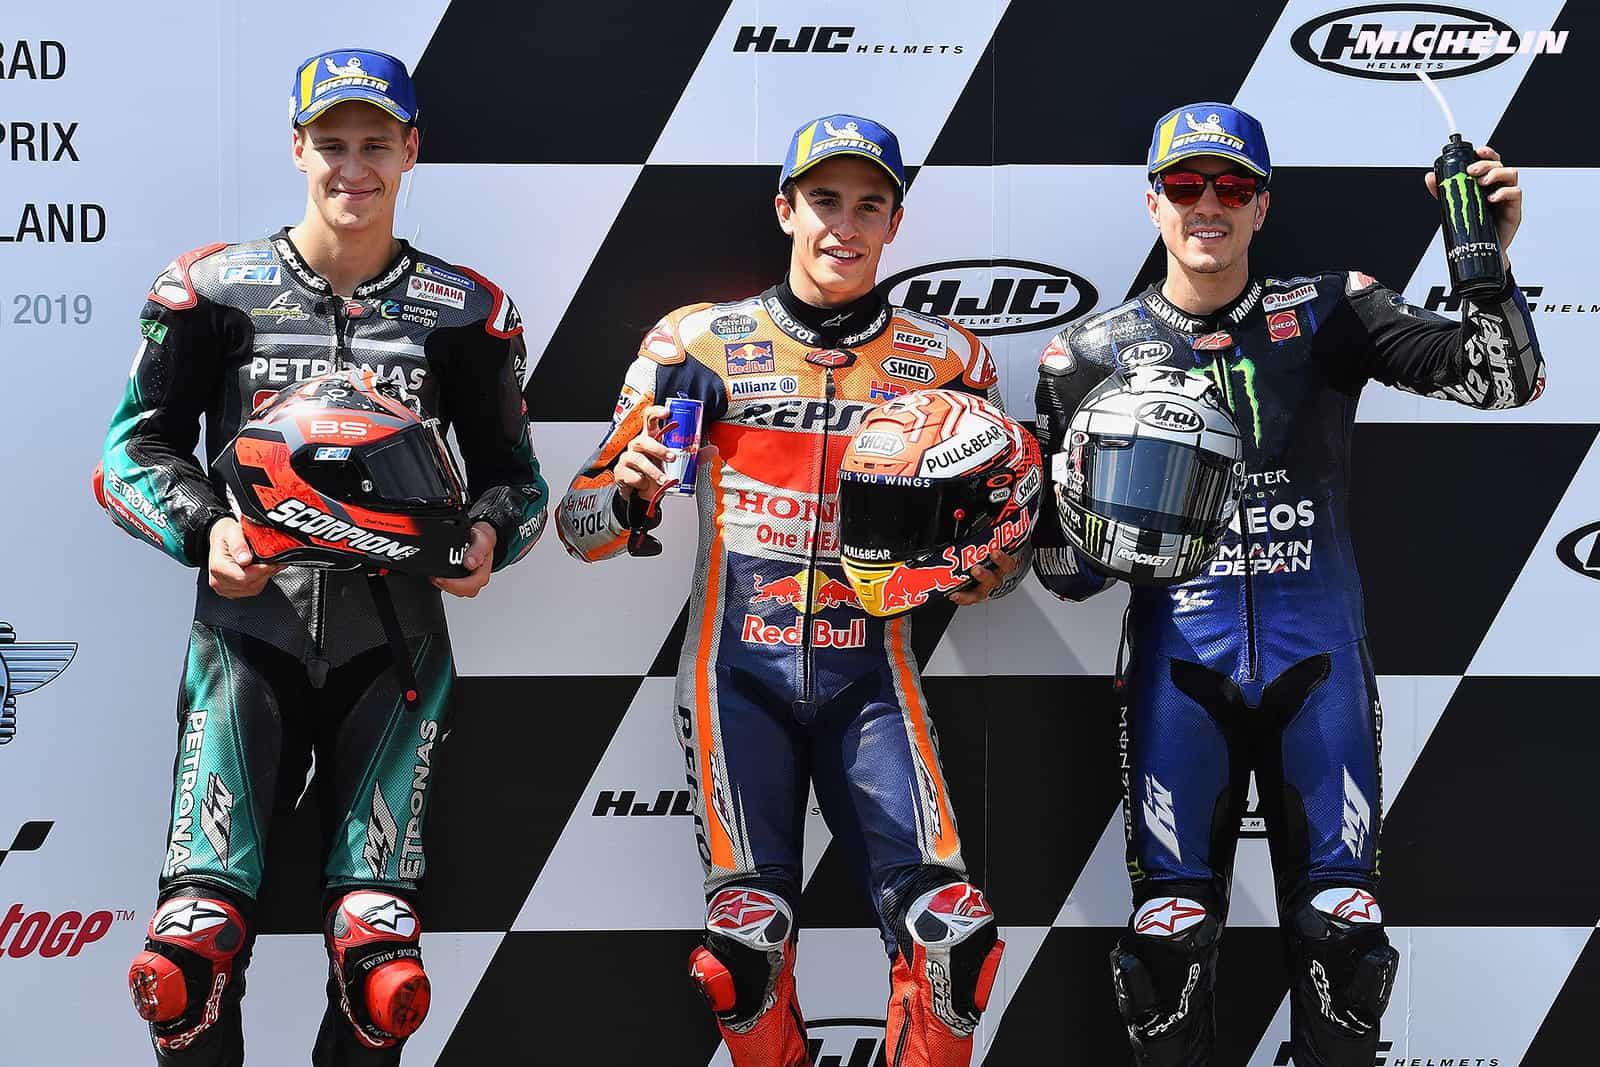 MotoGP2019ドイツGP 予選ポールポジション マルケス「新型シャーシはレースでは使用しない」